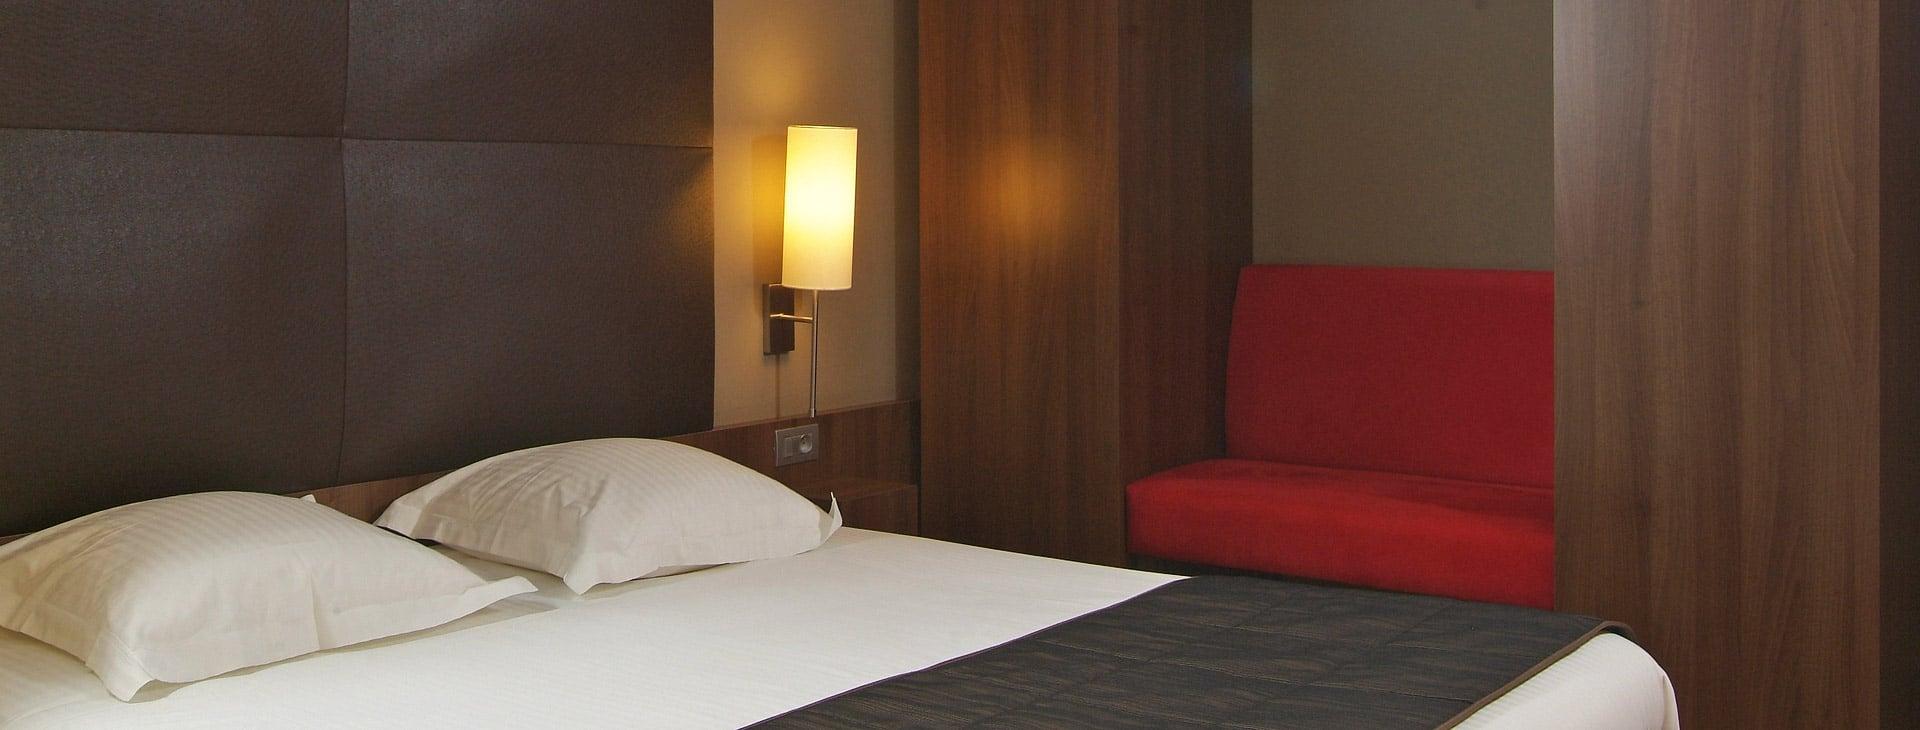 hotel_stiemerheide_DSCF6218